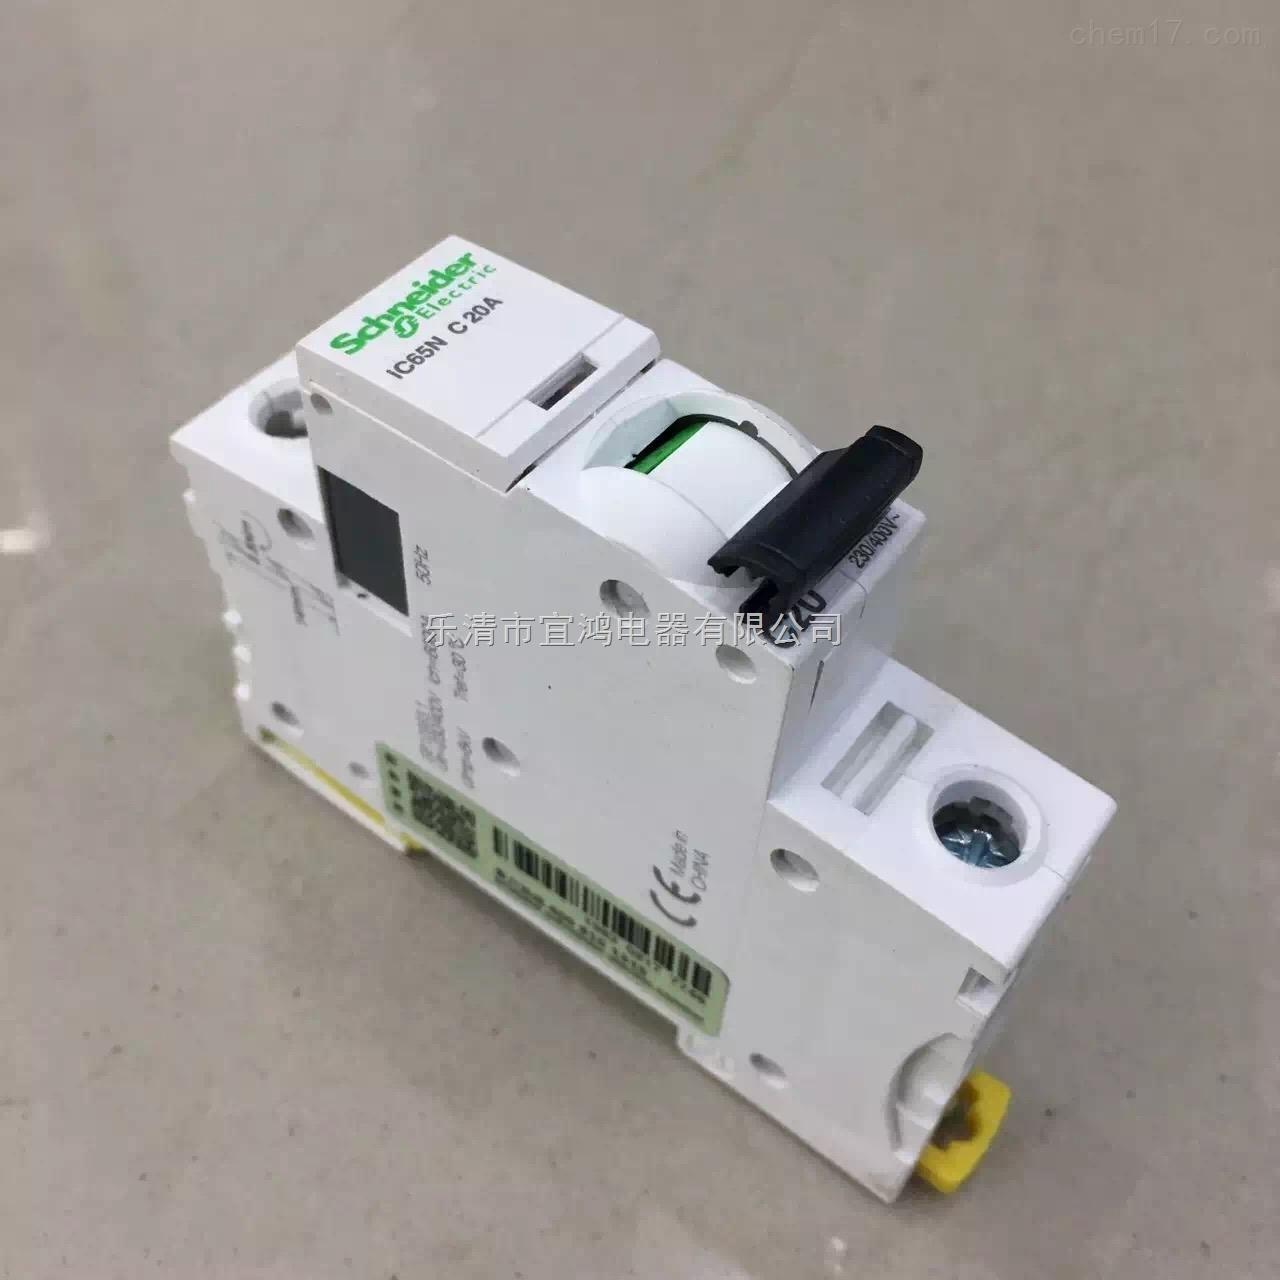 施耐德 小型断路器ic65n 1p c1a-c63a